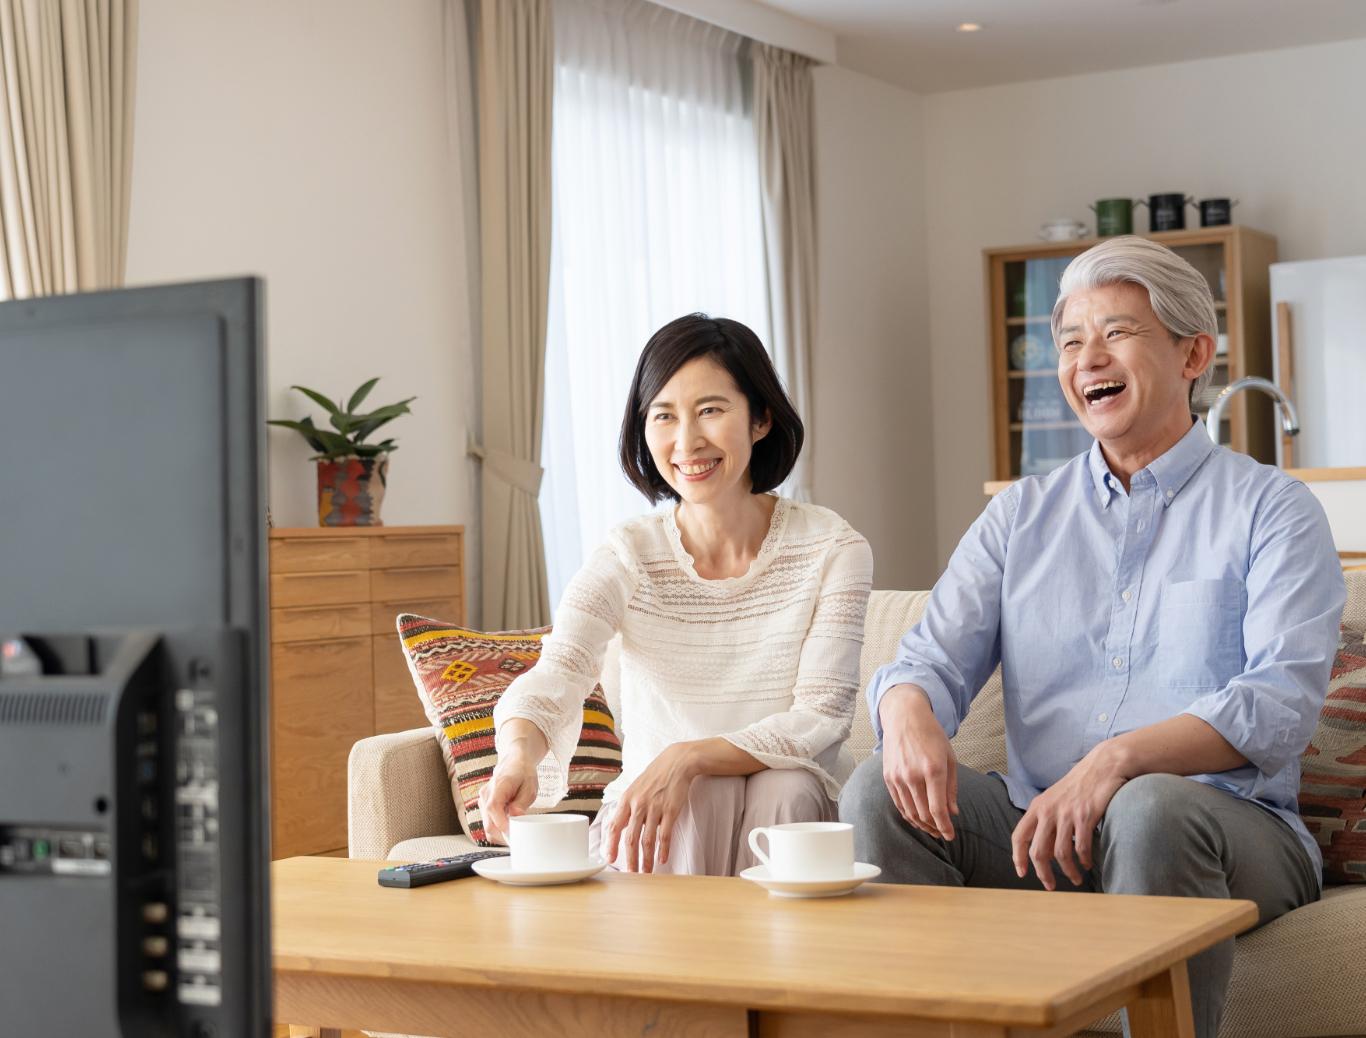 高齢者でも言葉が聴き取りやすい。